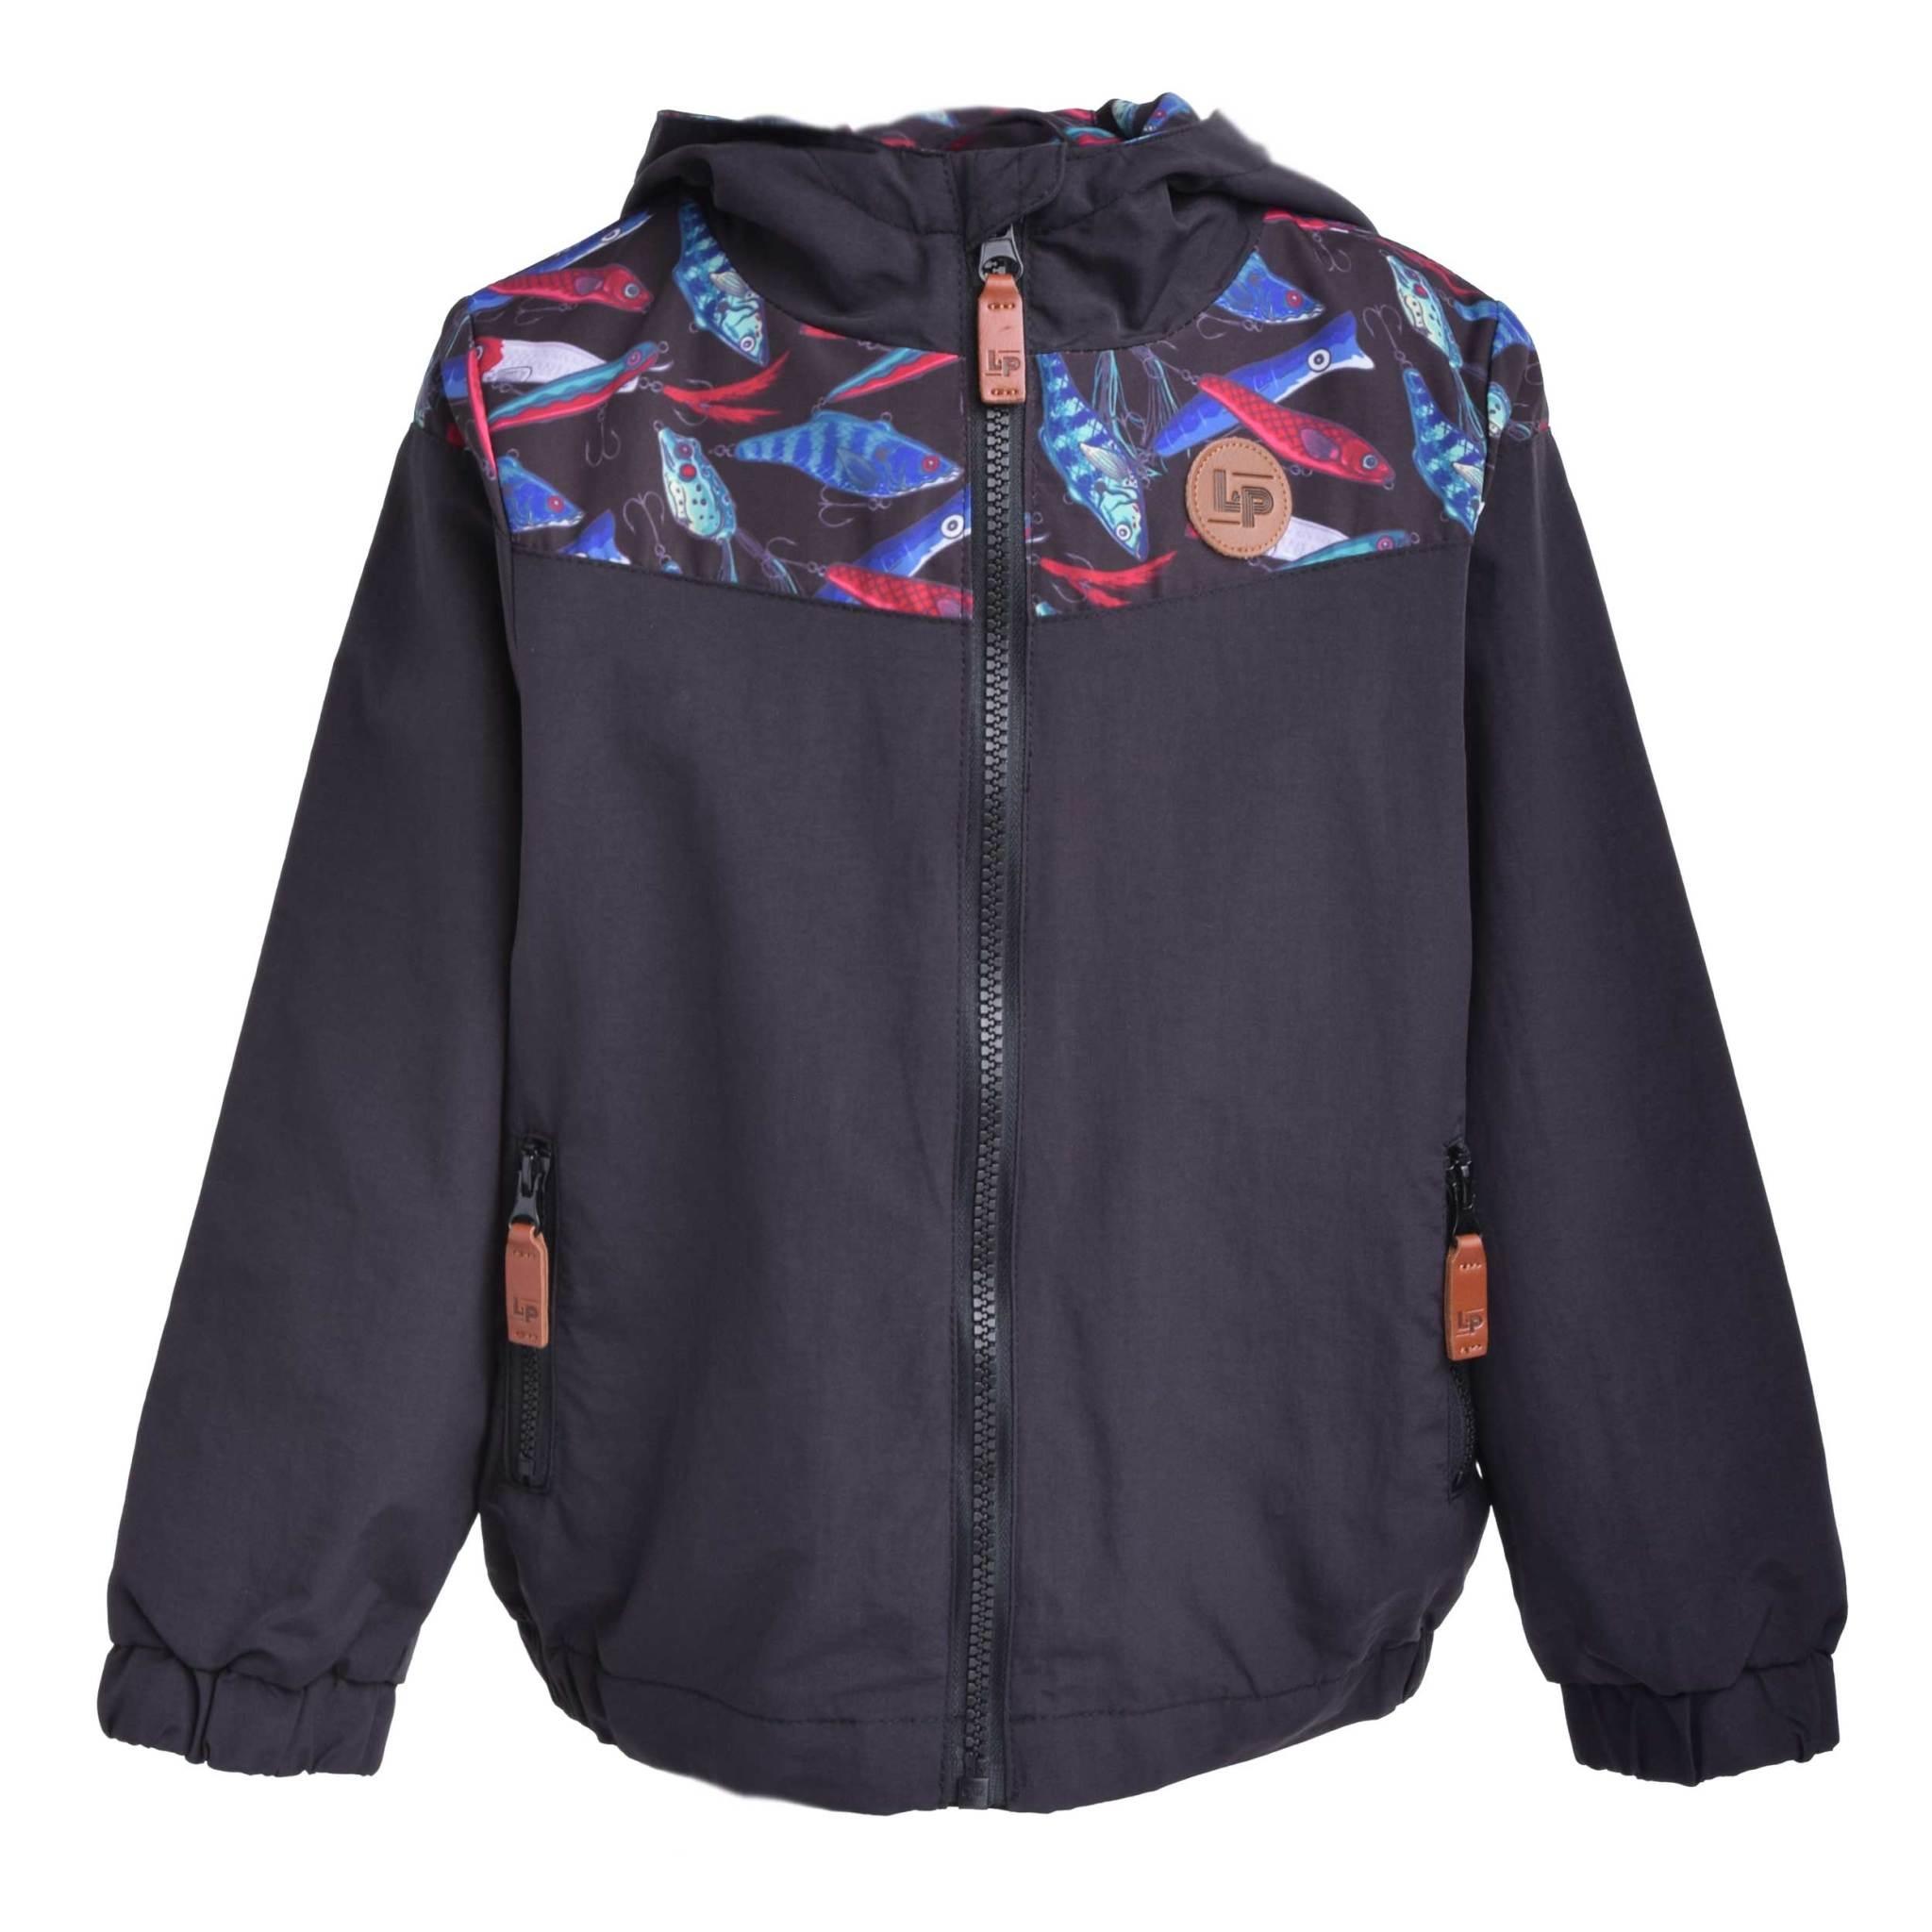 Manteau d'extérieur mi-saison - FISH 2.0-1